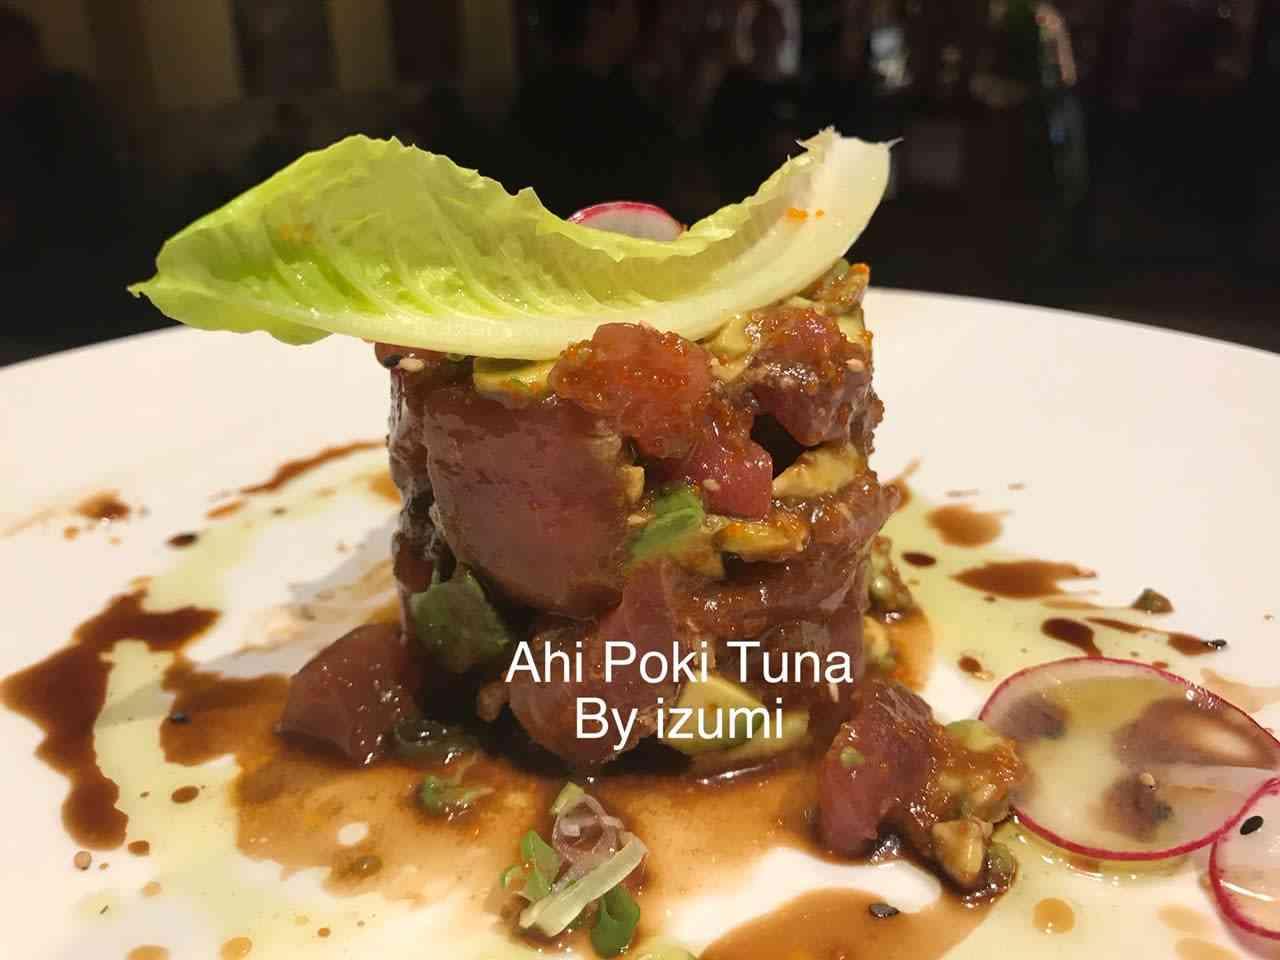 Ahi Poki Tuna*